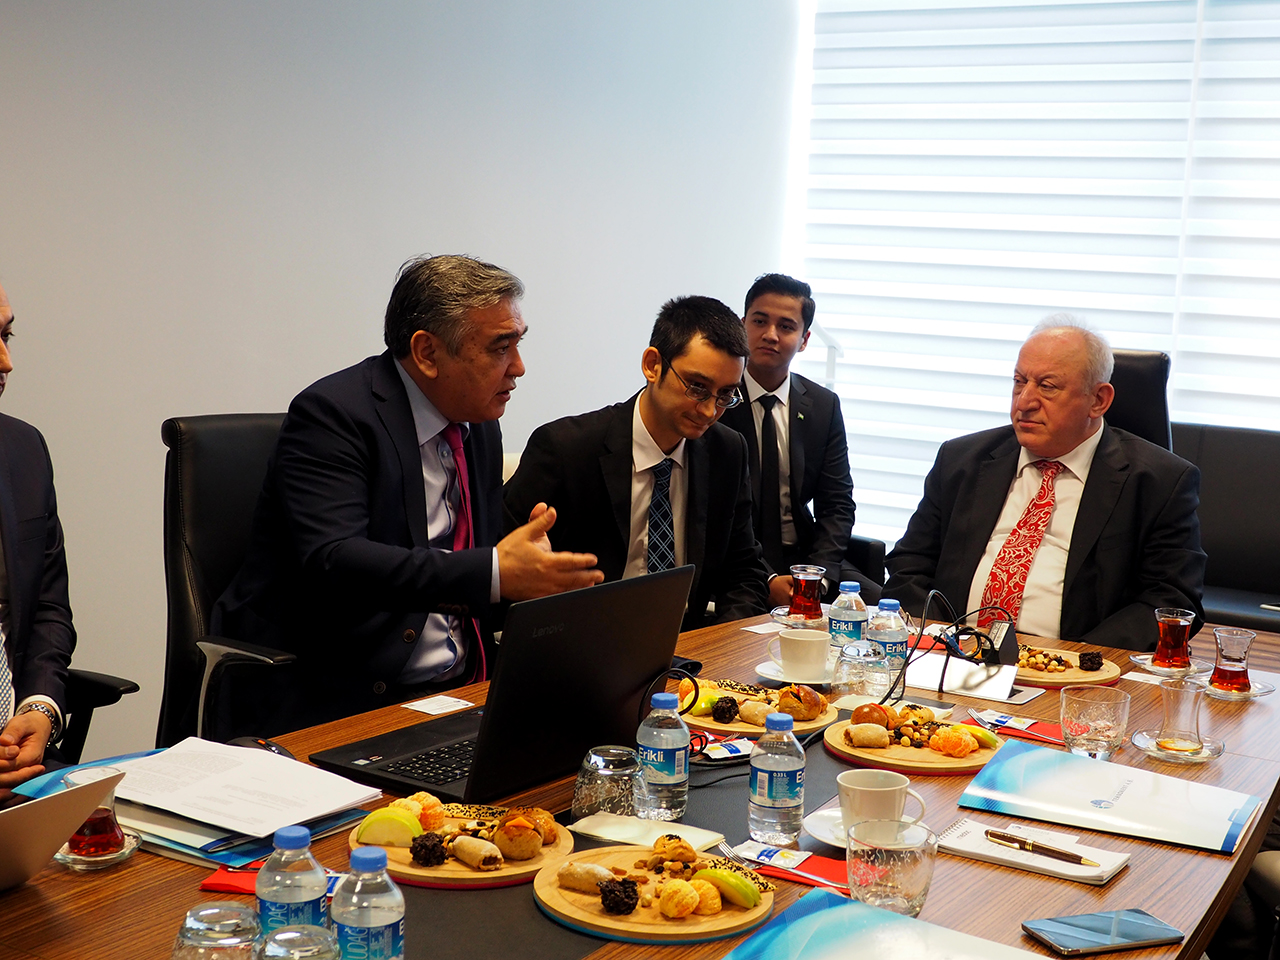 Ülkeler ve Fırsatlarda Konuğumuz Özbekistan oldu